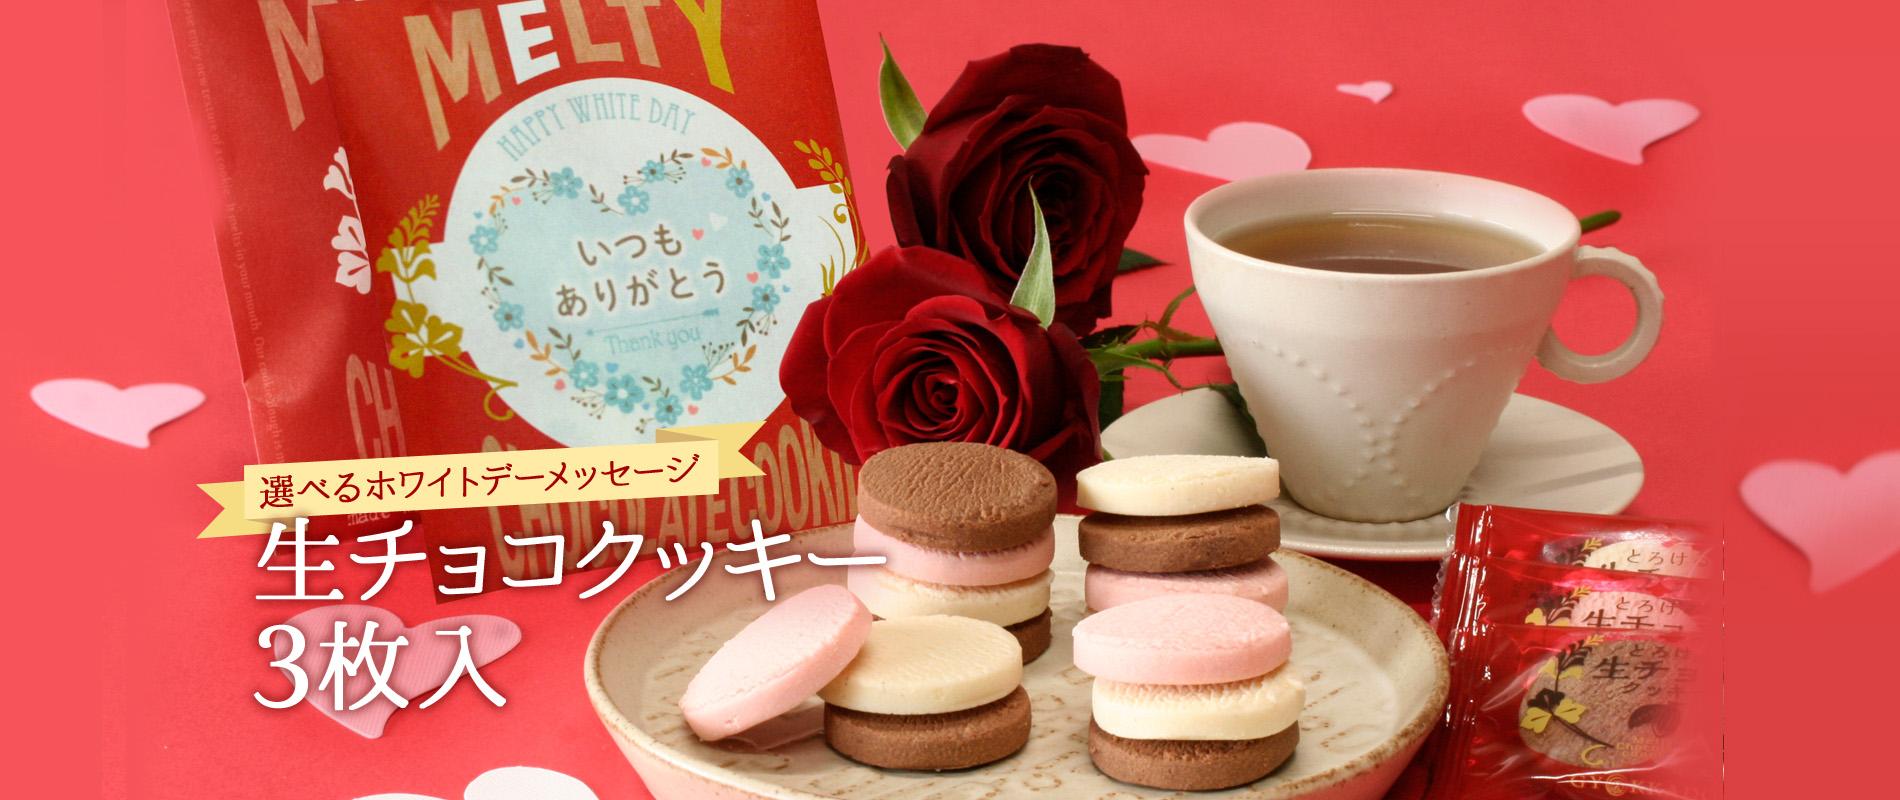 生チョコクッキー3枚入(ホワイトデーver.)